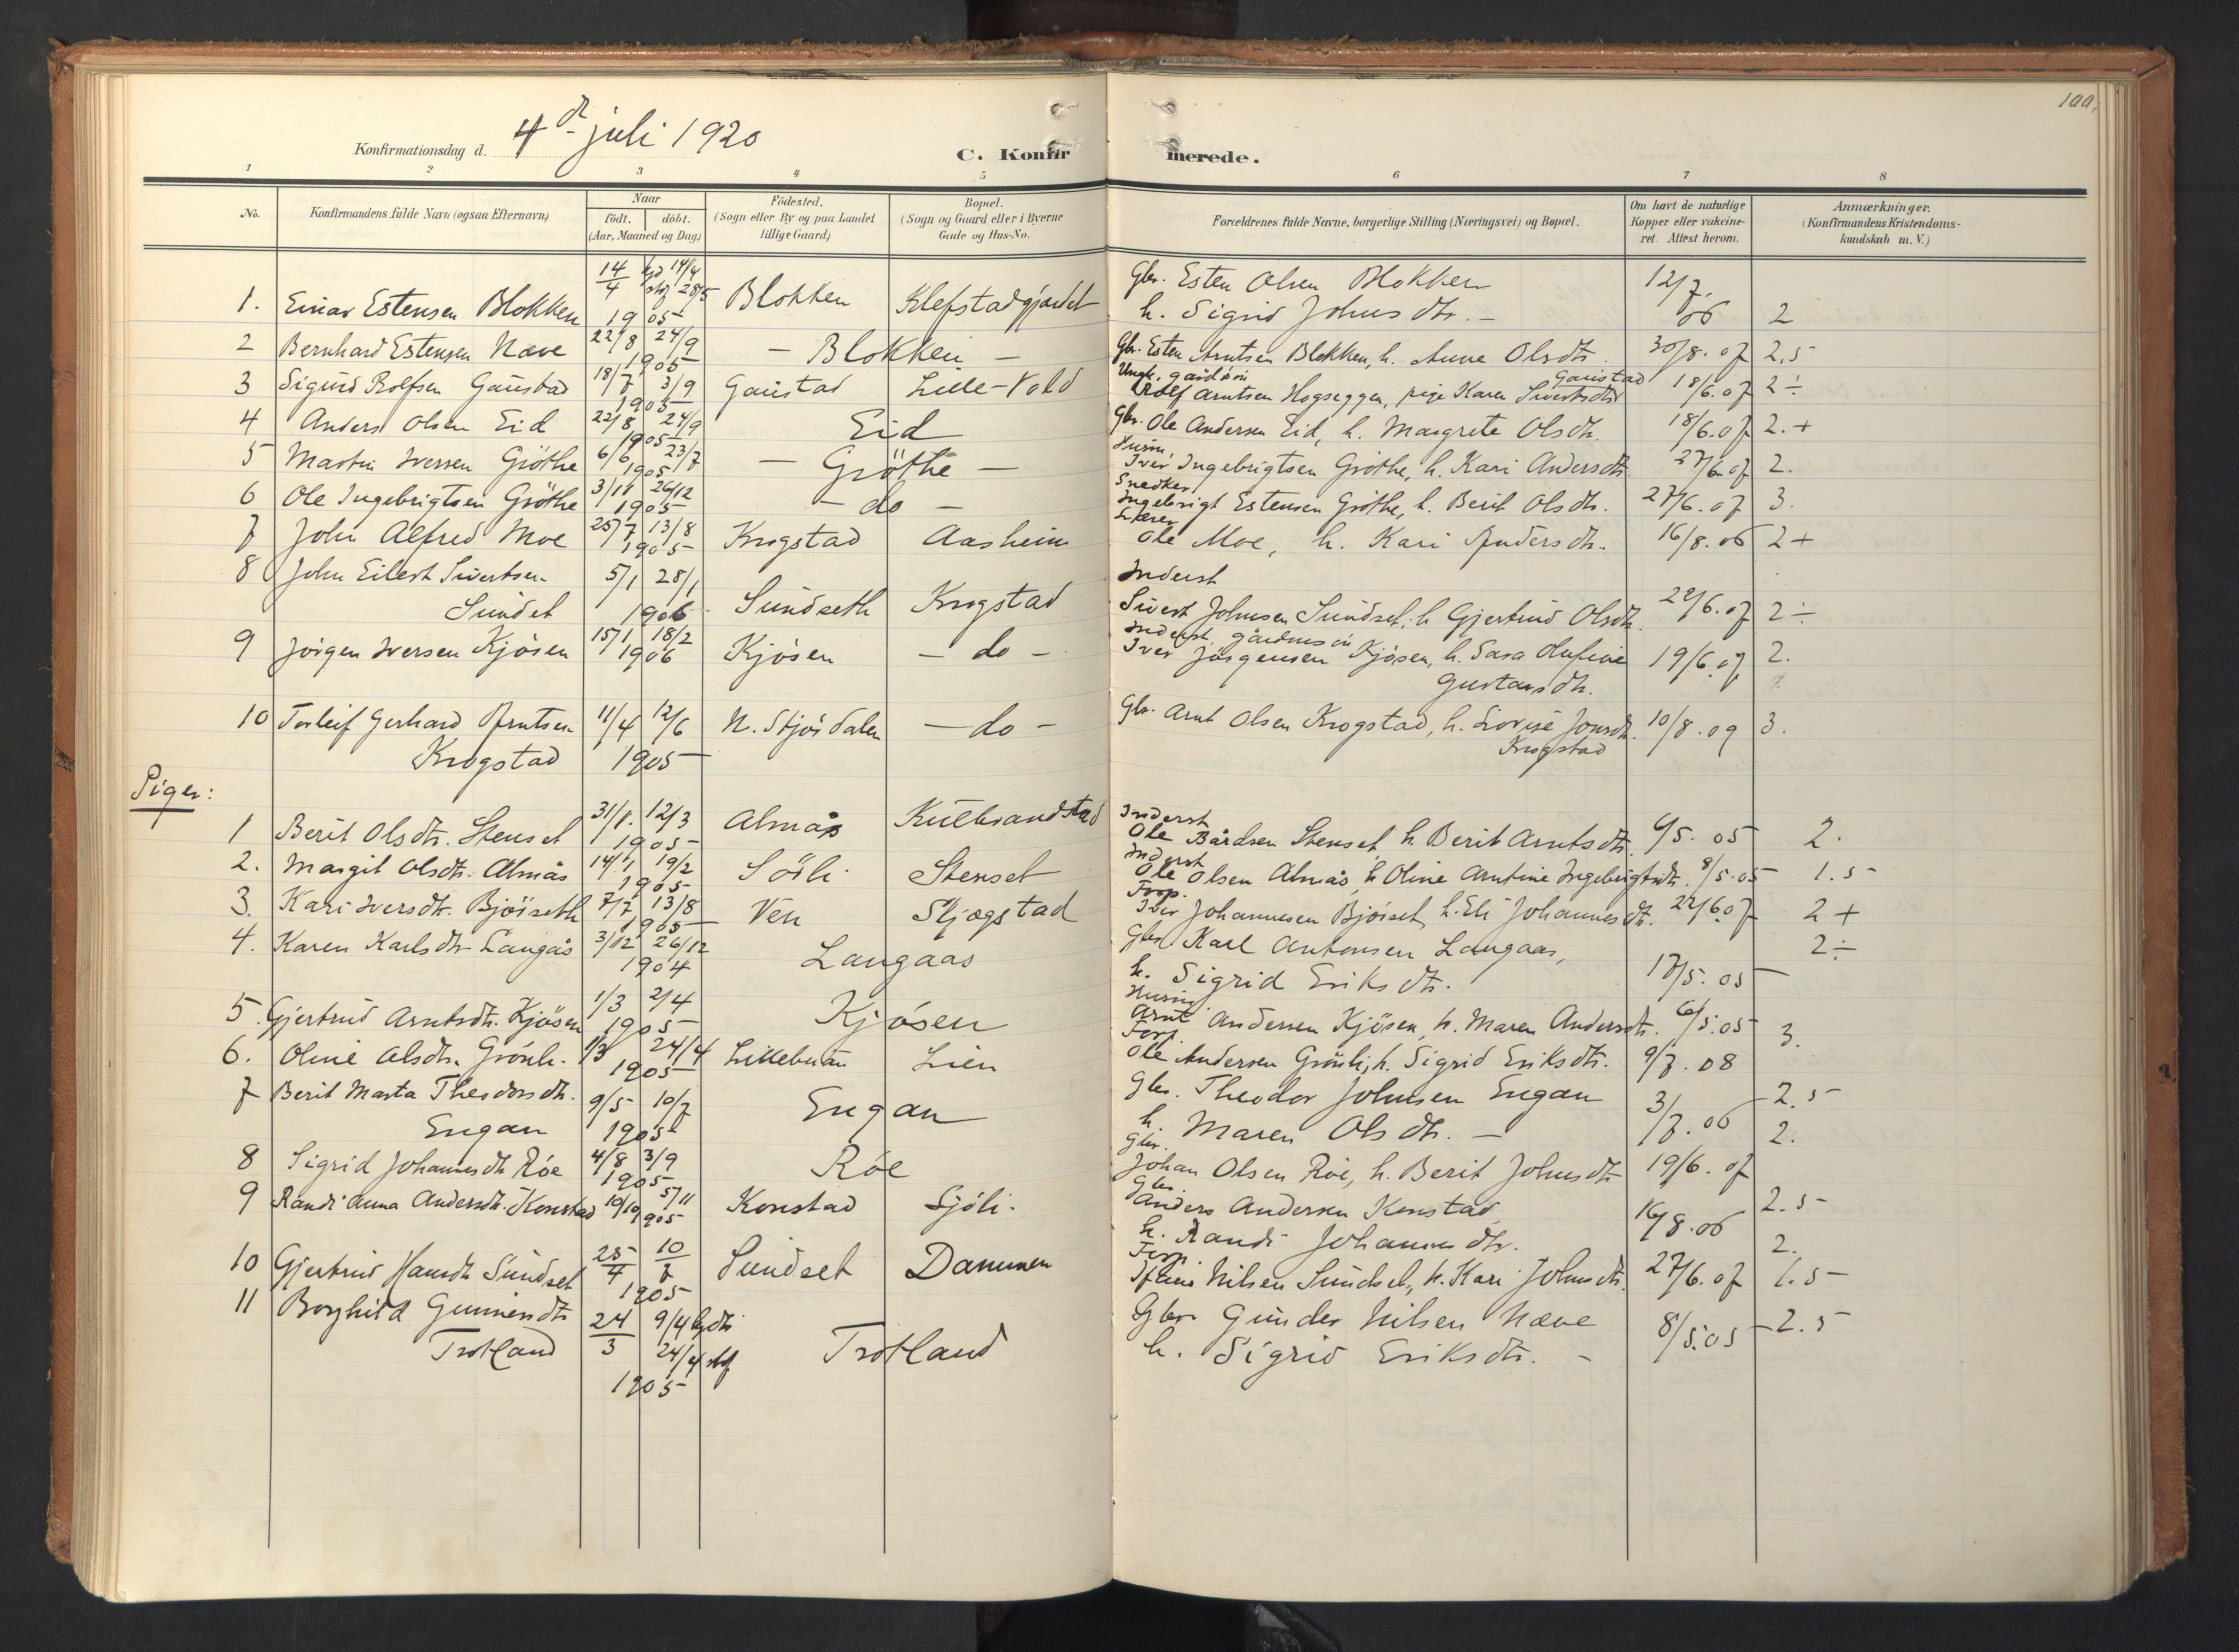 SAT, Ministerialprotokoller, klokkerbøker og fødselsregistre - Sør-Trøndelag, 694/L1128: Ministerialbok nr. 694A02, 1906-1931, s. 100